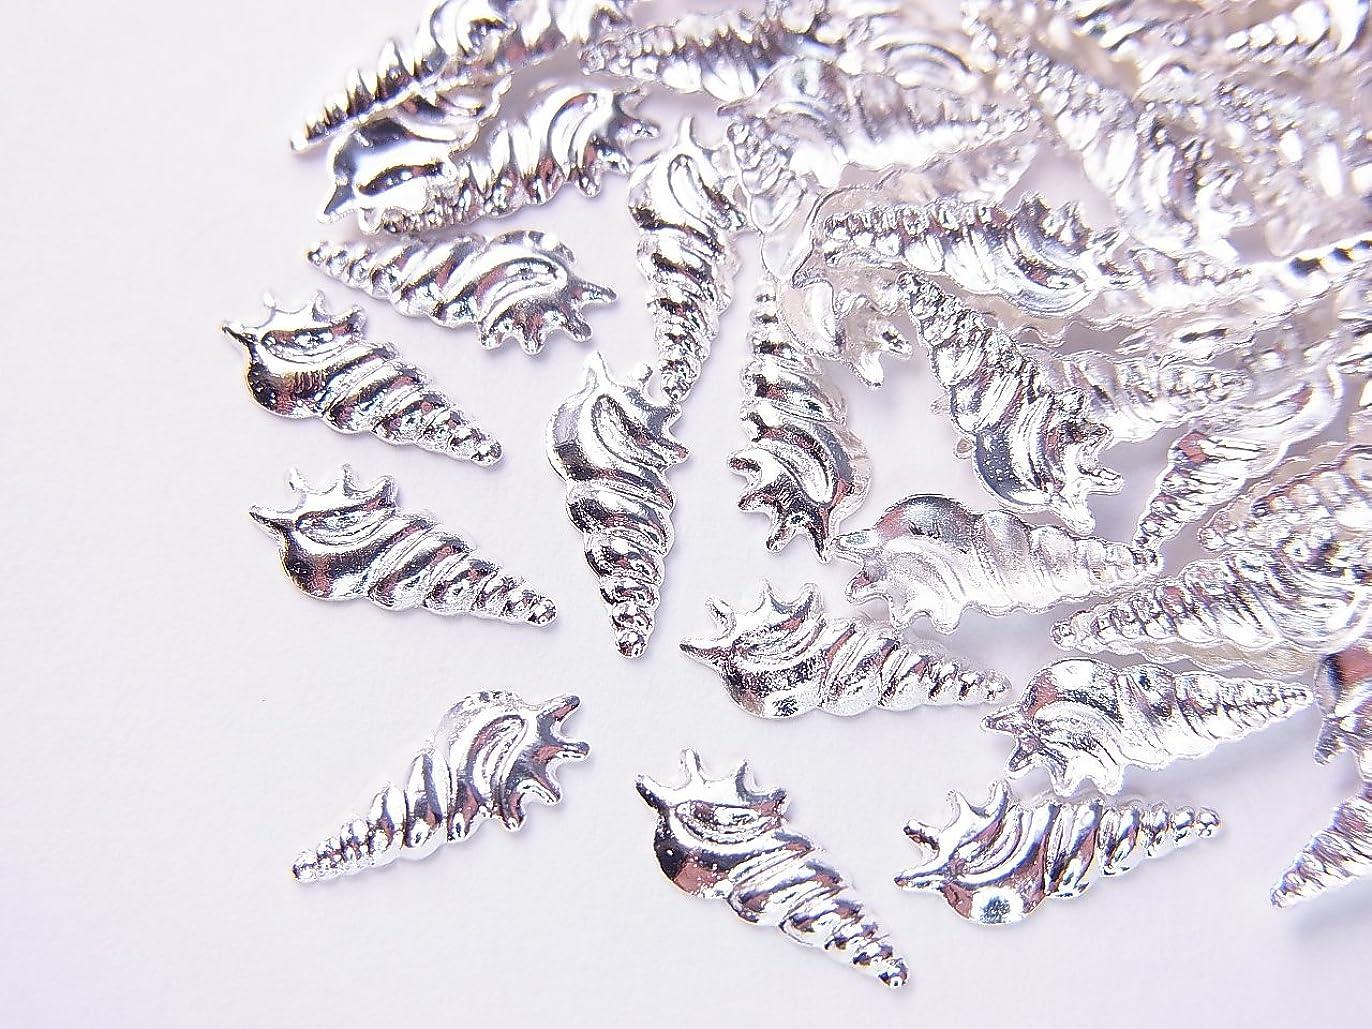 かなりかわいらしいお金【jewel】ネイルパーツ巻貝 (大) 10個入り 約8mm×3.2mm ツイストシェル シルバー 手芸 素材 アートパーツ デコ素材